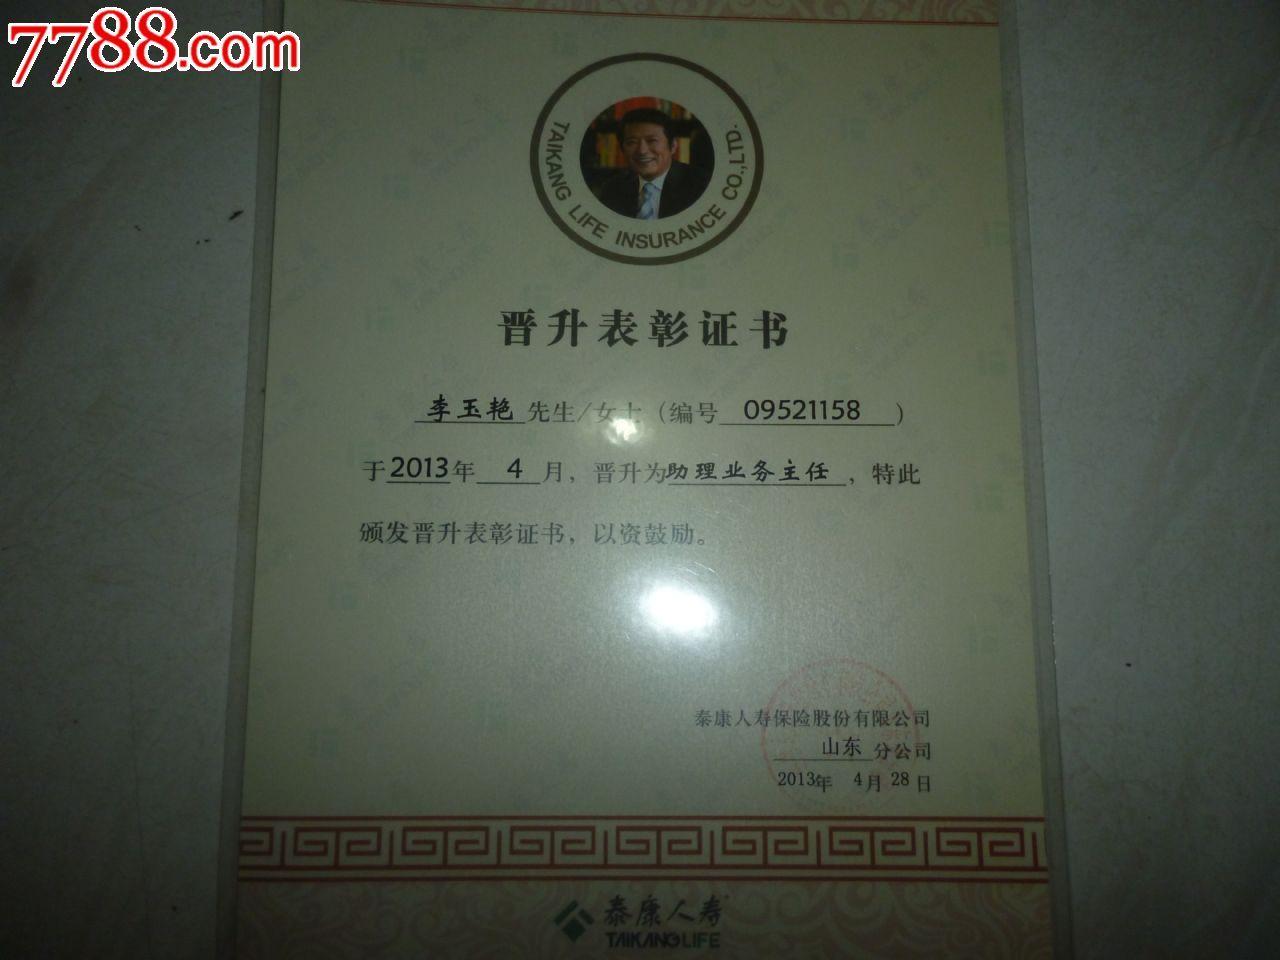 晋升表彰证书_奖状/荣誉证书_薄家集藏社【7788收藏